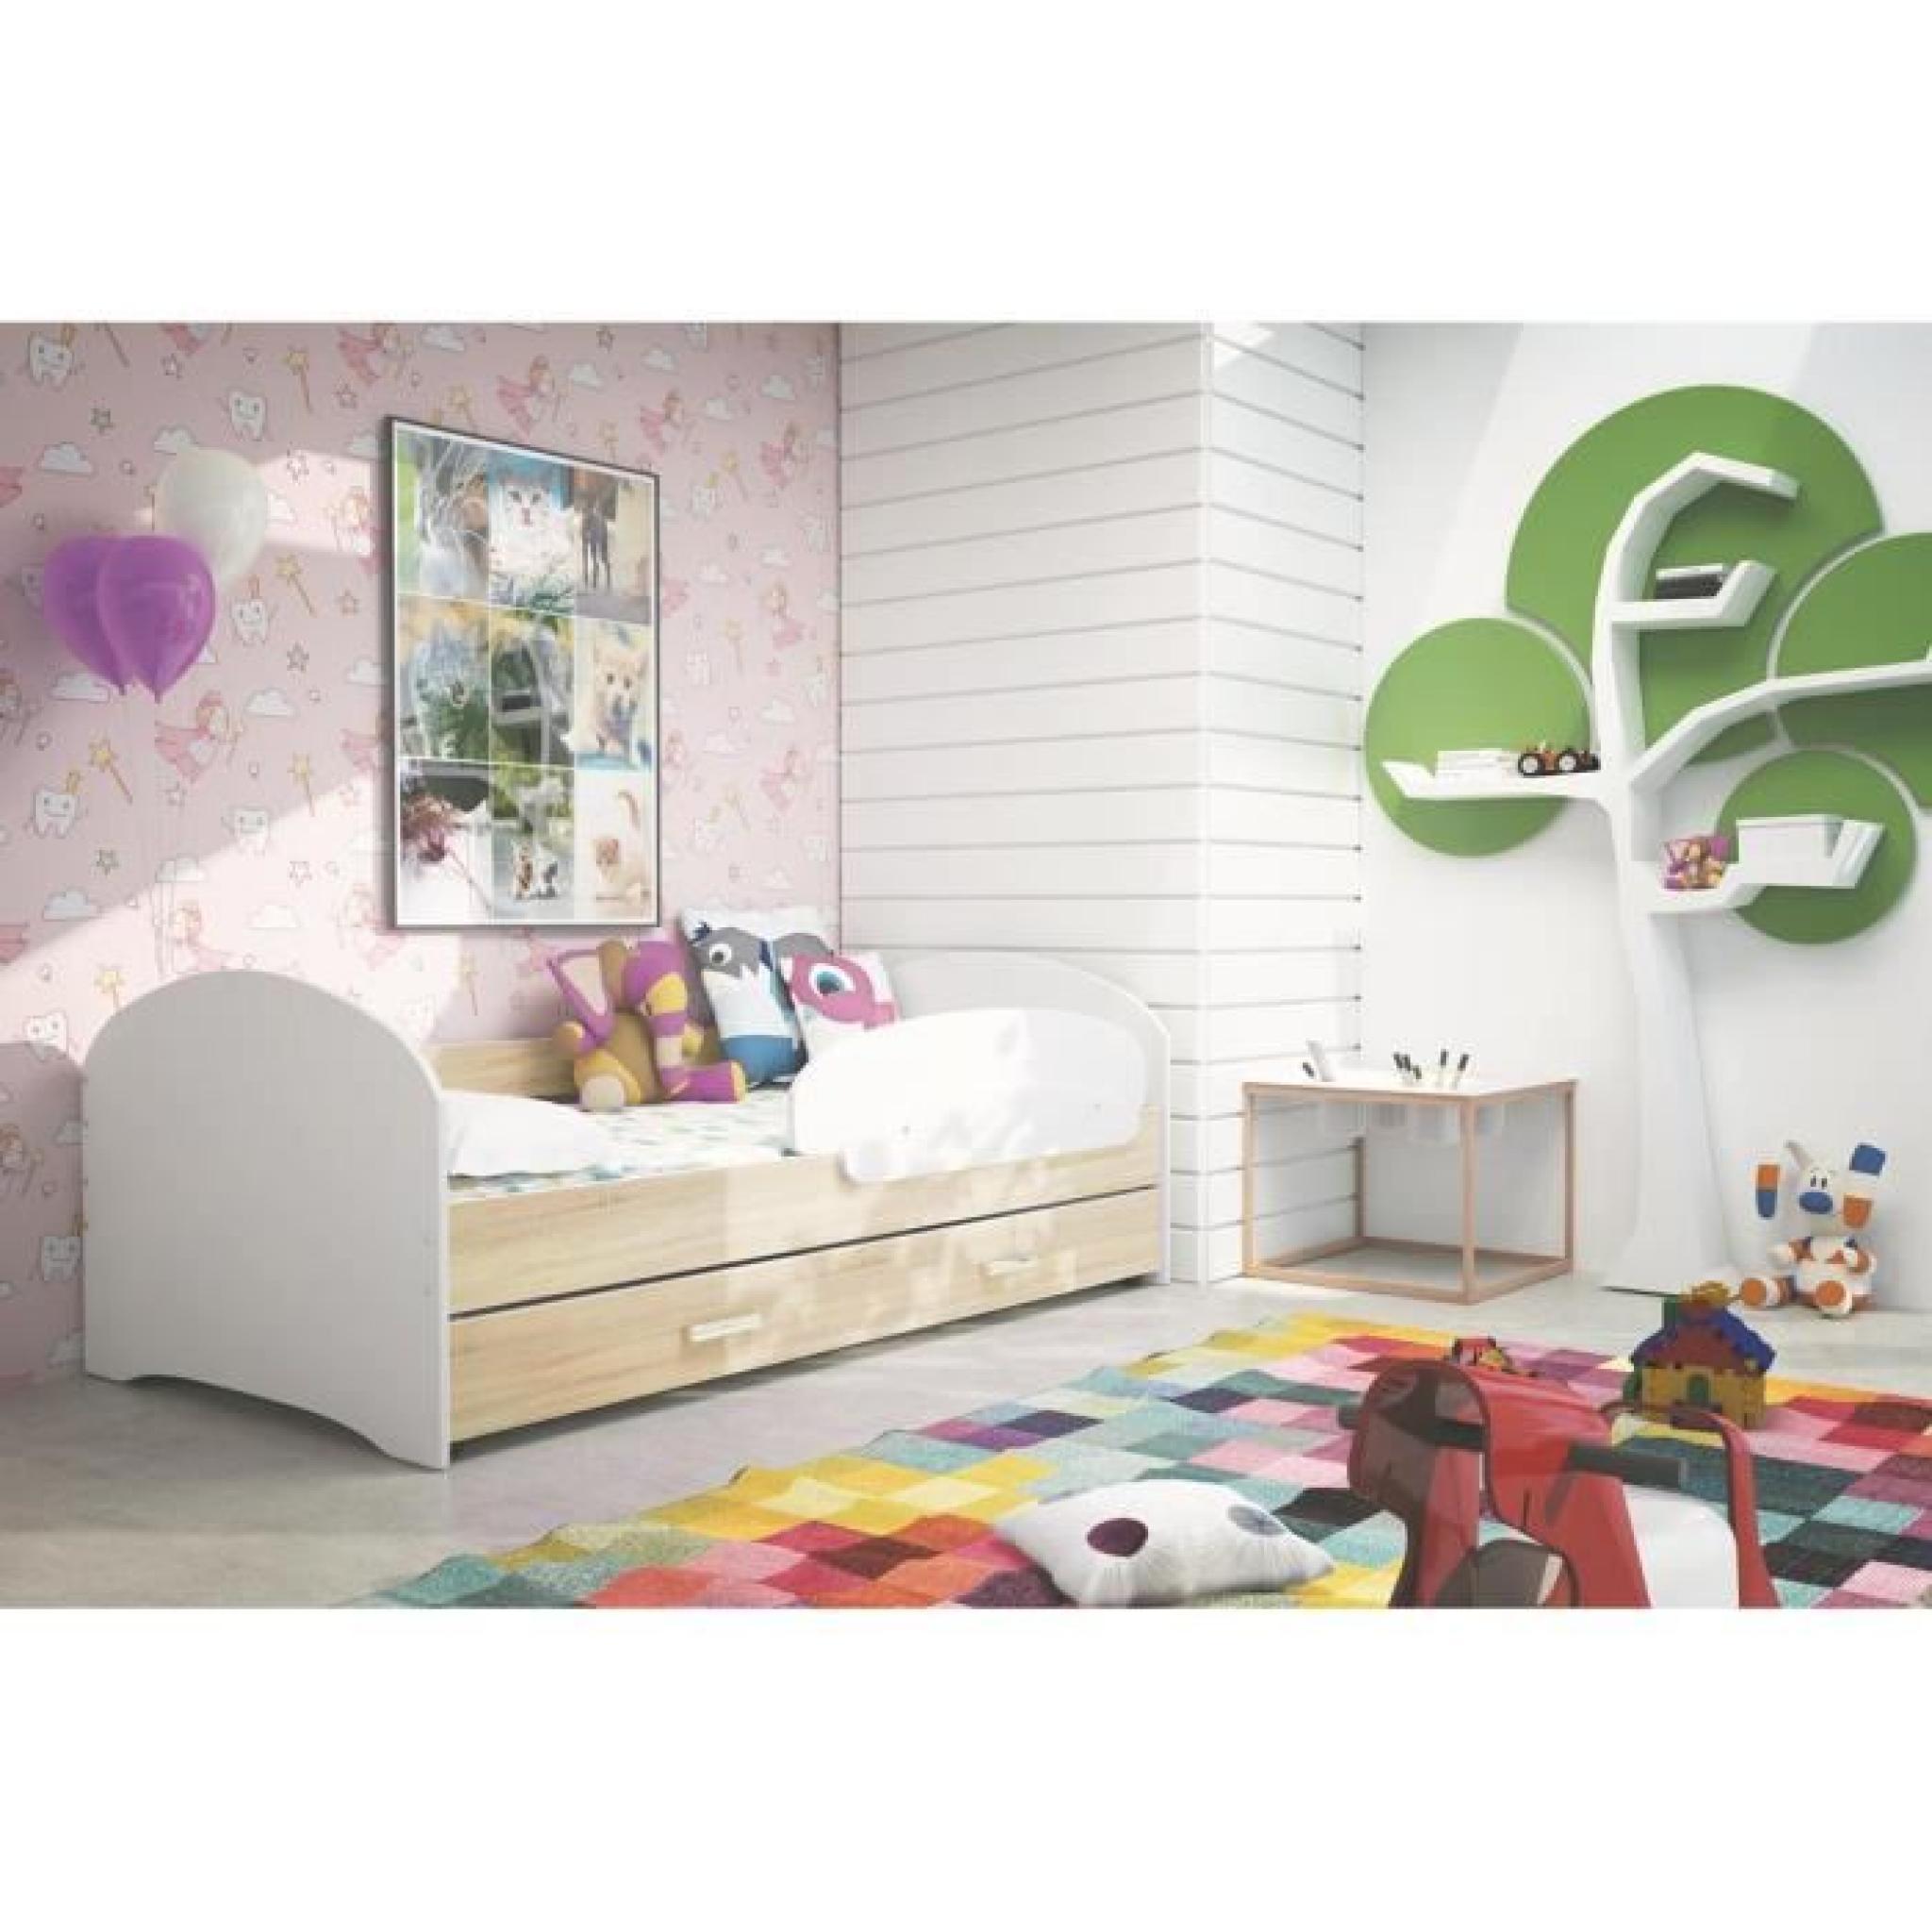 Lit d enfant pas cher free large size of lit pour chien canadian tire chat mondou design - Matelas souffle canadian tire ...